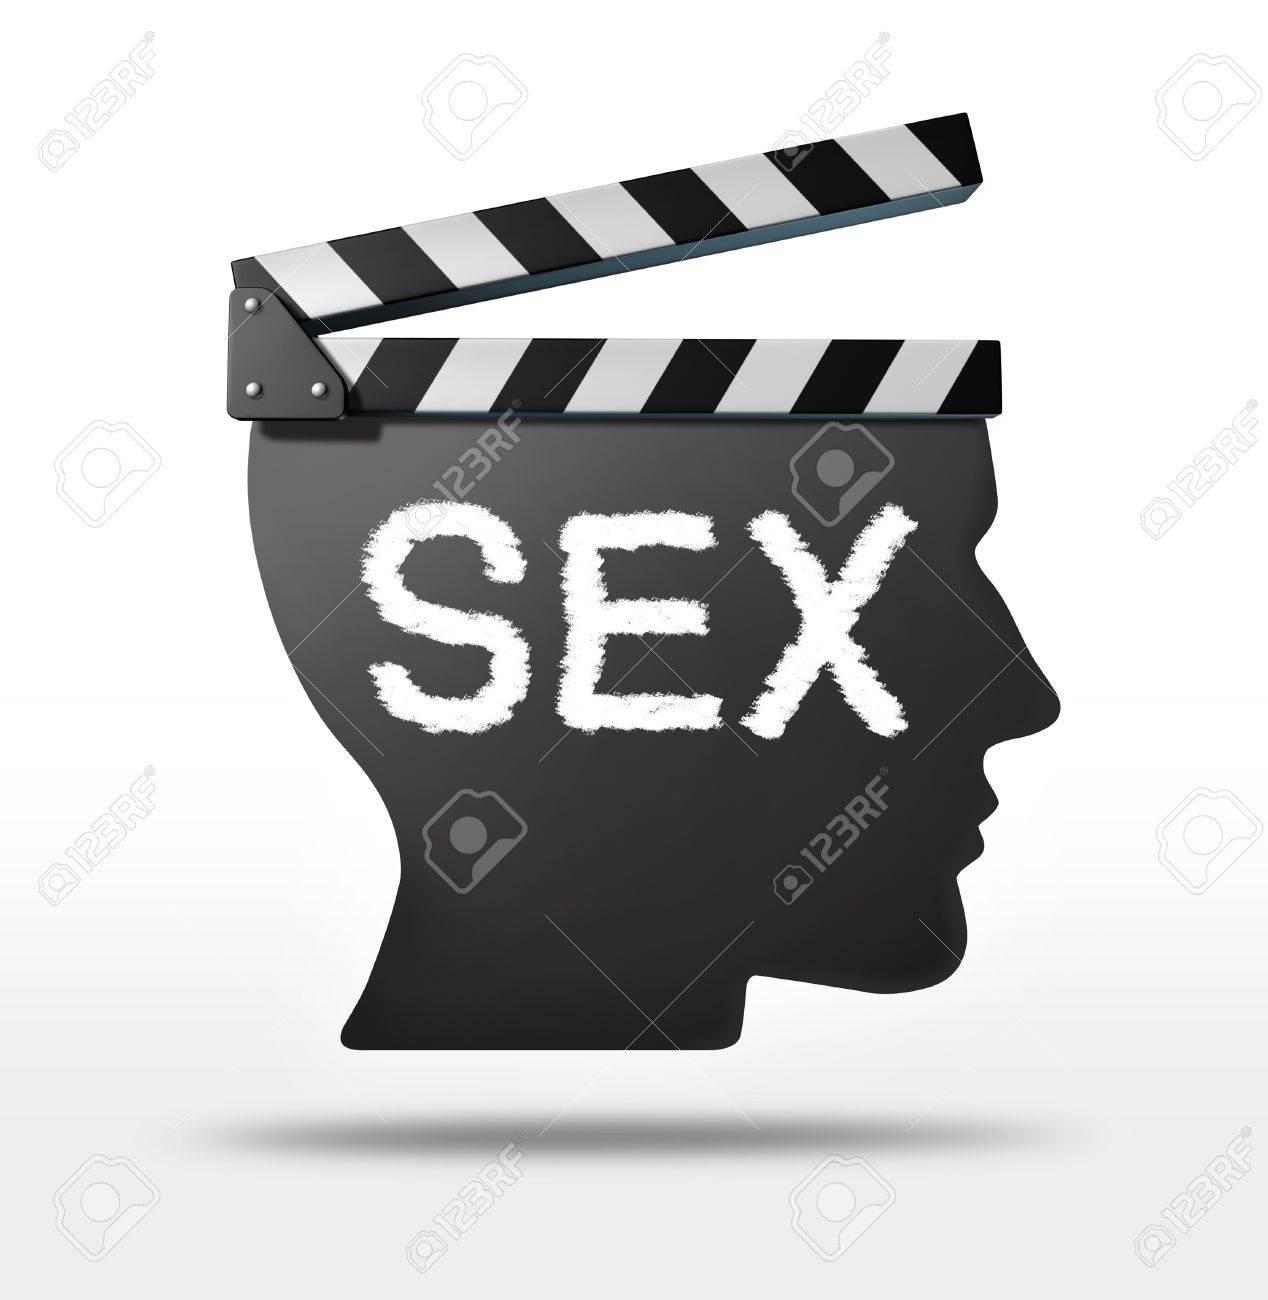 Sex Filme Und Erotikfilm-Konzept Mit Einem Film Ausrüstung Schindel ...